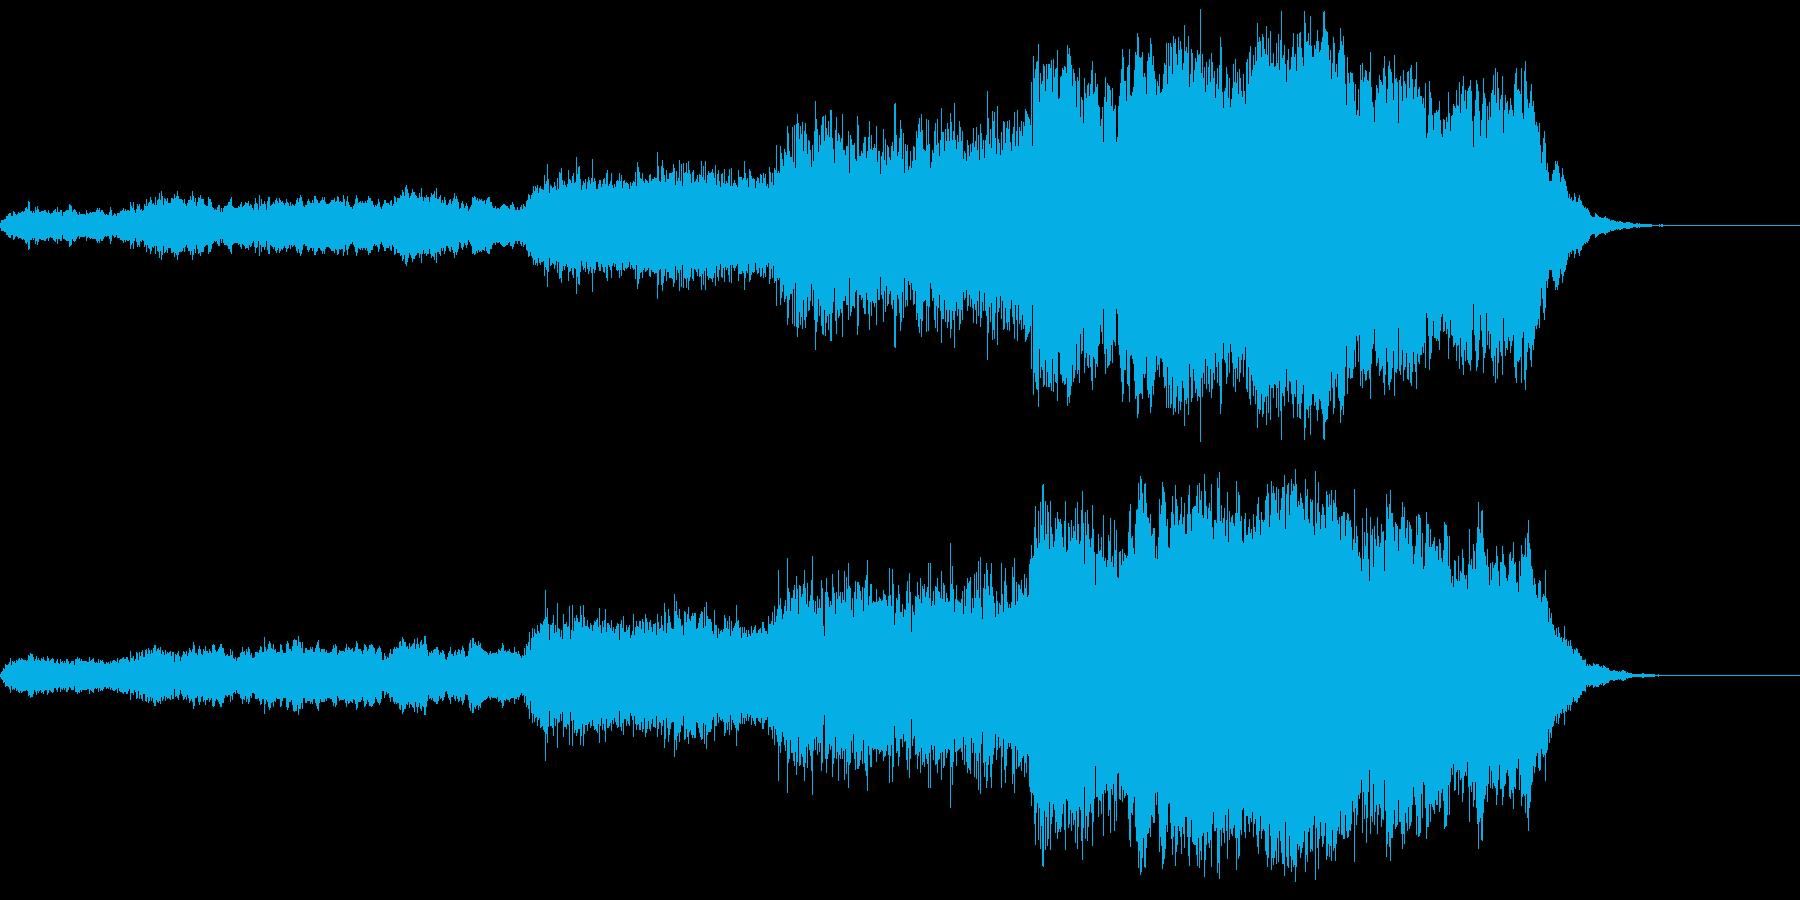 ハリウッド系 ヒーロー登場 ジングル2の再生済みの波形